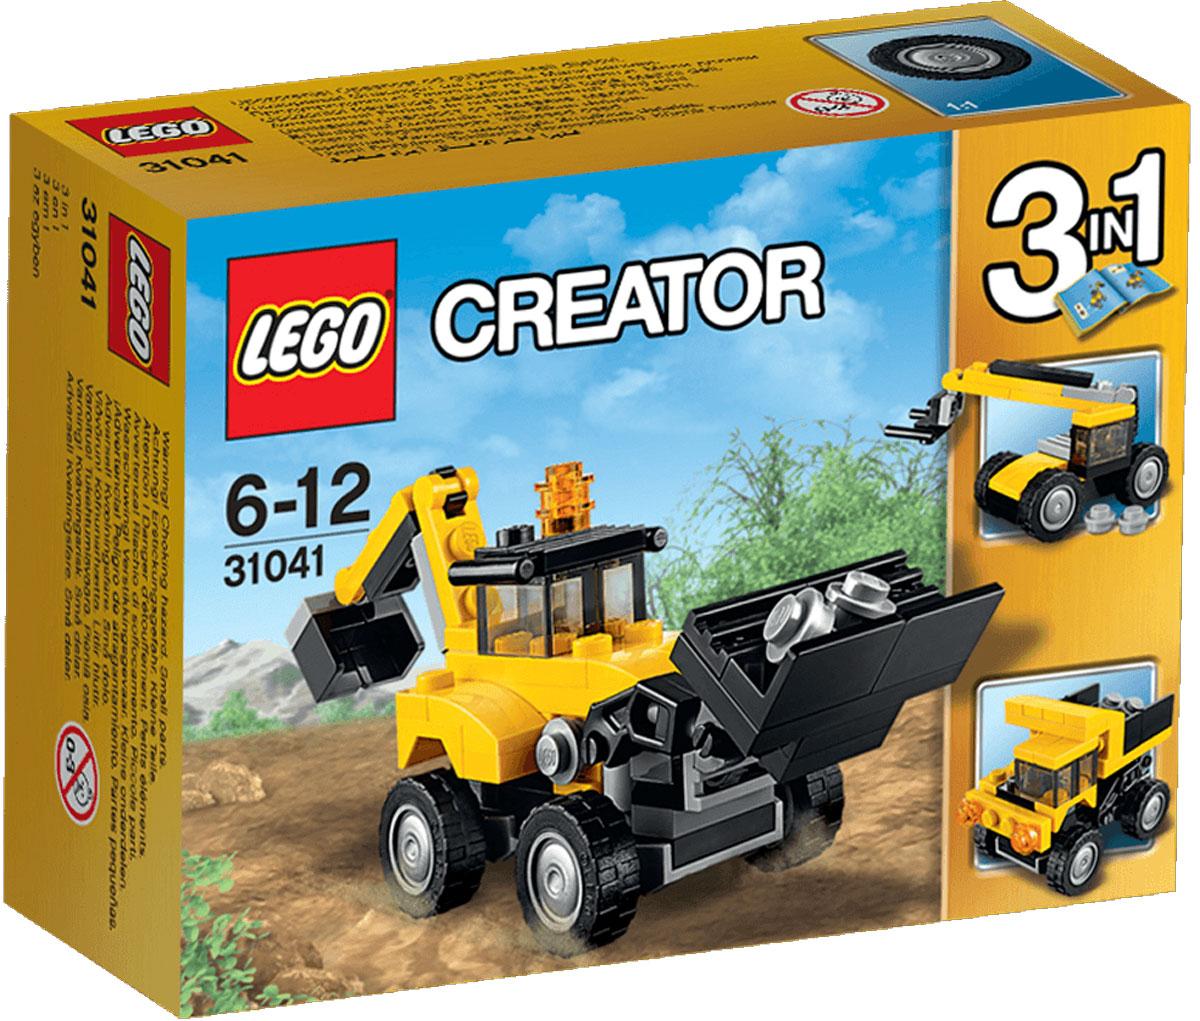 LEGO Creator Конструктор Строительная техника 3104131041Садитесь в мощный экскаватор-погрузчик, выполненный в классических желтом и черном цвете с оранжевым маячком, опрокидывающимся передним ковшом, рабочим задним ковшом и прочными шинами с глубоким протектором. Устанавливайте его на площадке, опускайте ковш и разбирайте завалы! Когда будете готовы к очередной задаче, переделайте его в мощный самосвал или в погрузчик. Набор включает в себя 64 разноцветных пластиковых элемента. Конструктор - это один из самых увлекательных и веселых способов времяпрепровождения. Ребенок сможет часами играть с конструктором, придумывая различные ситуации и истории.